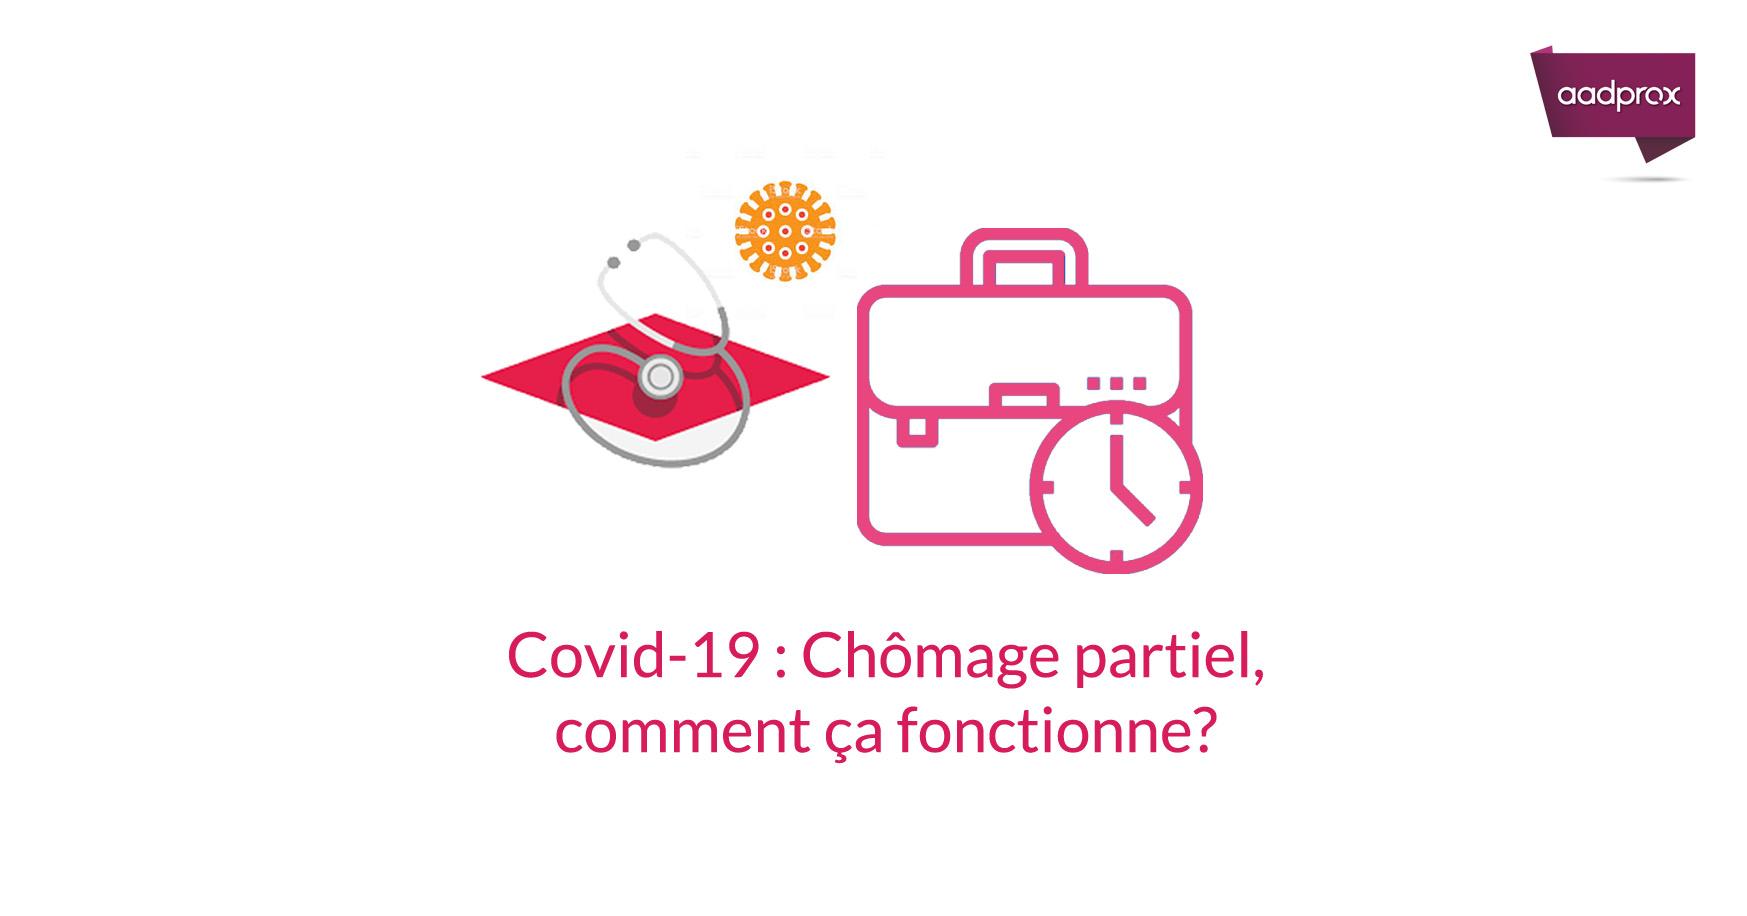 COVID-19 : Chômage partiel, comment ça fonctionne ?